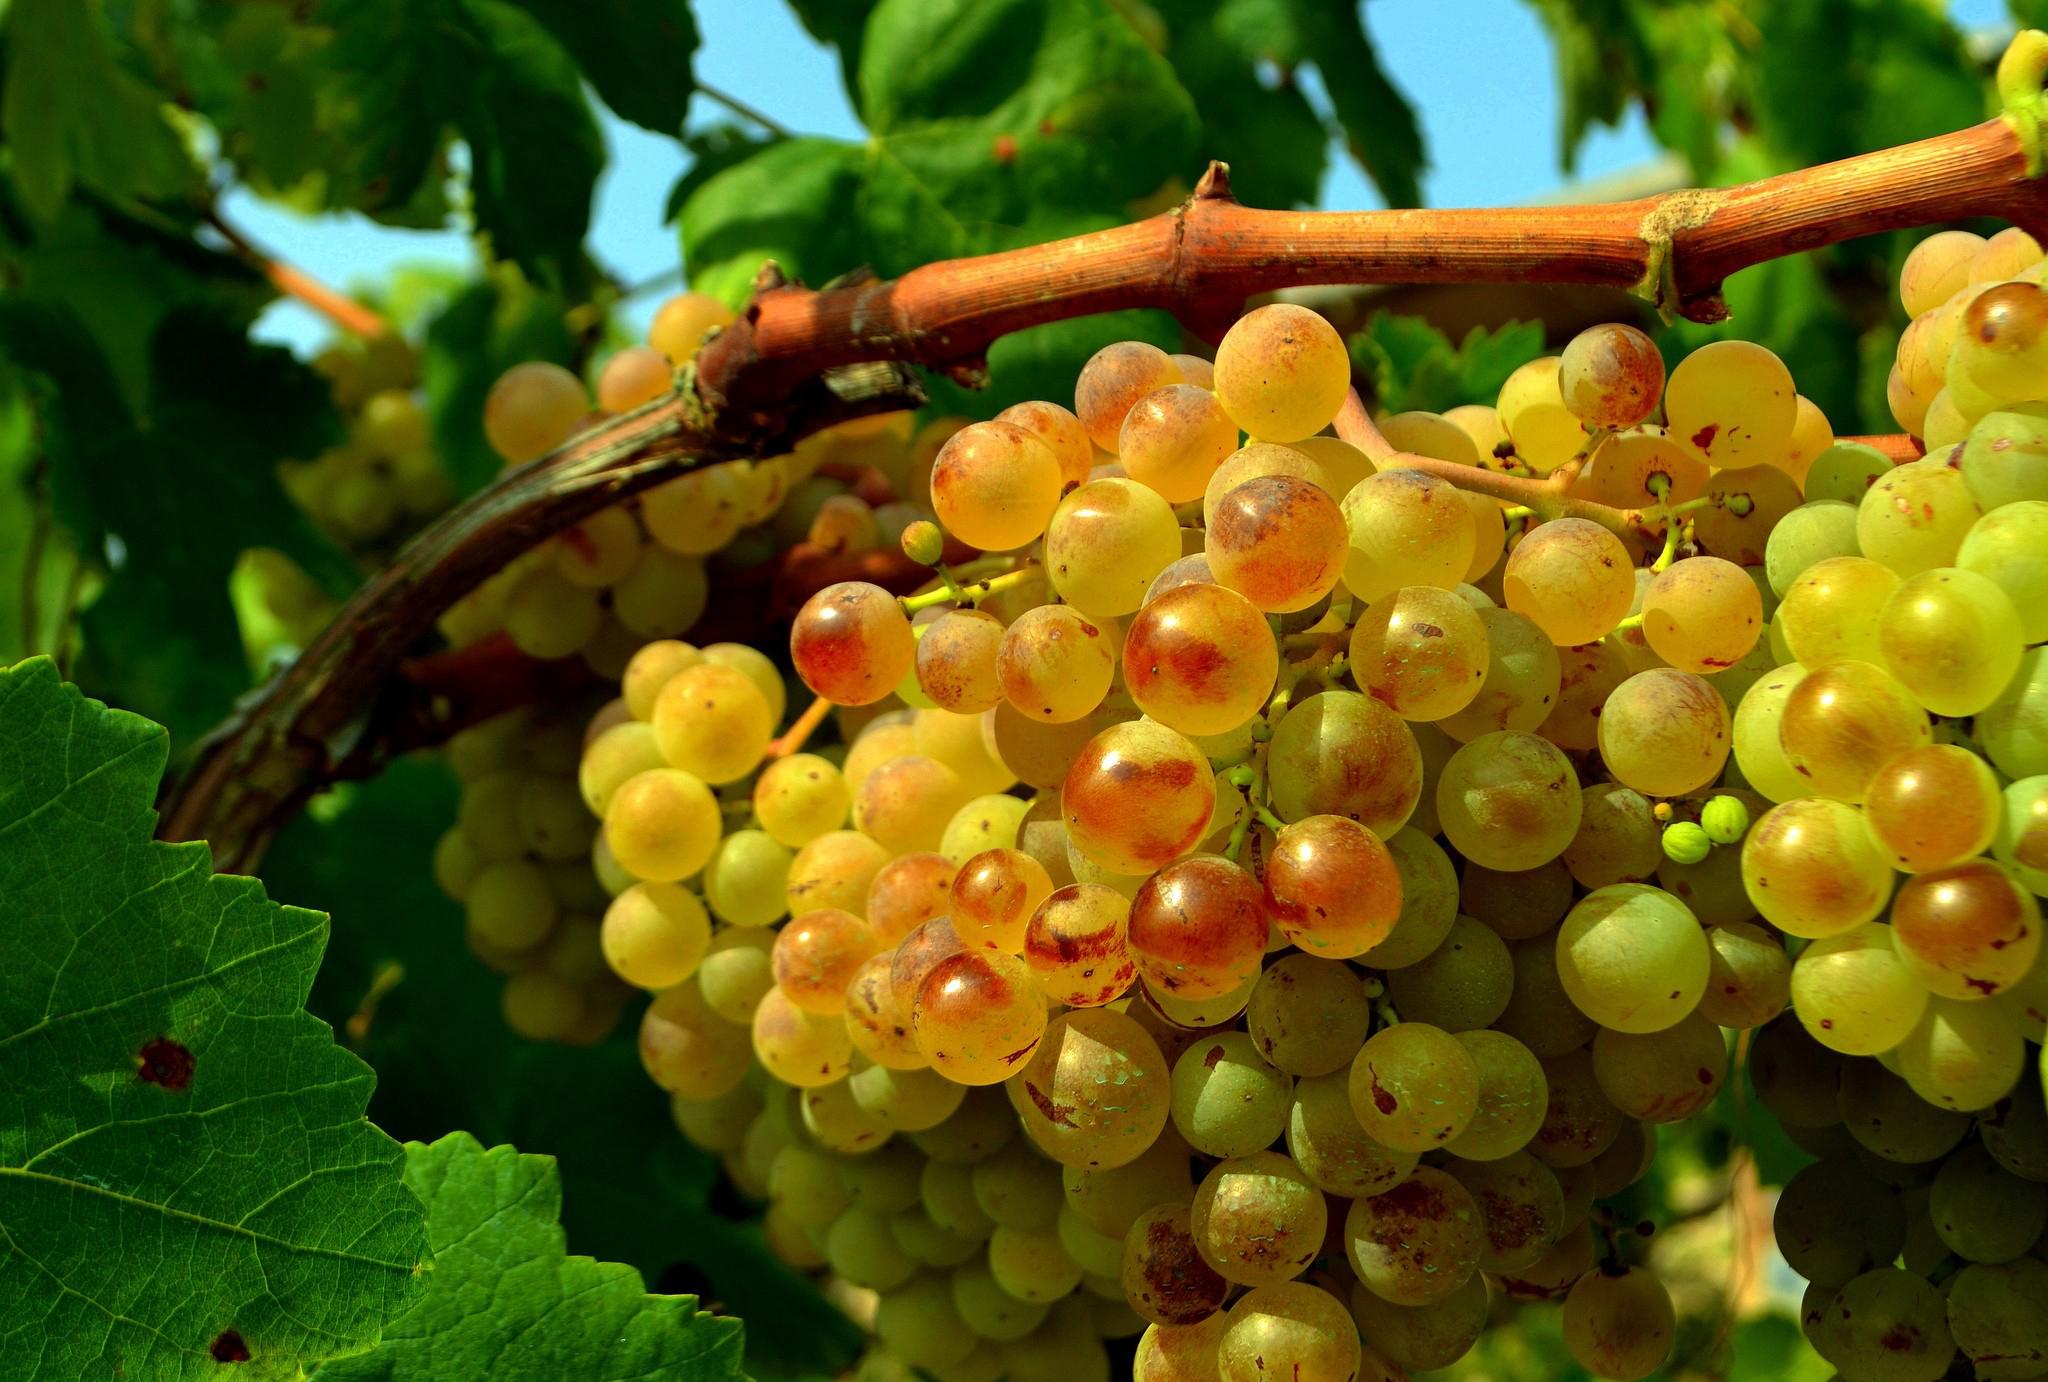 уход за виноградом в 2021 году по месяцам: календарь, как правильно ухаживать фото